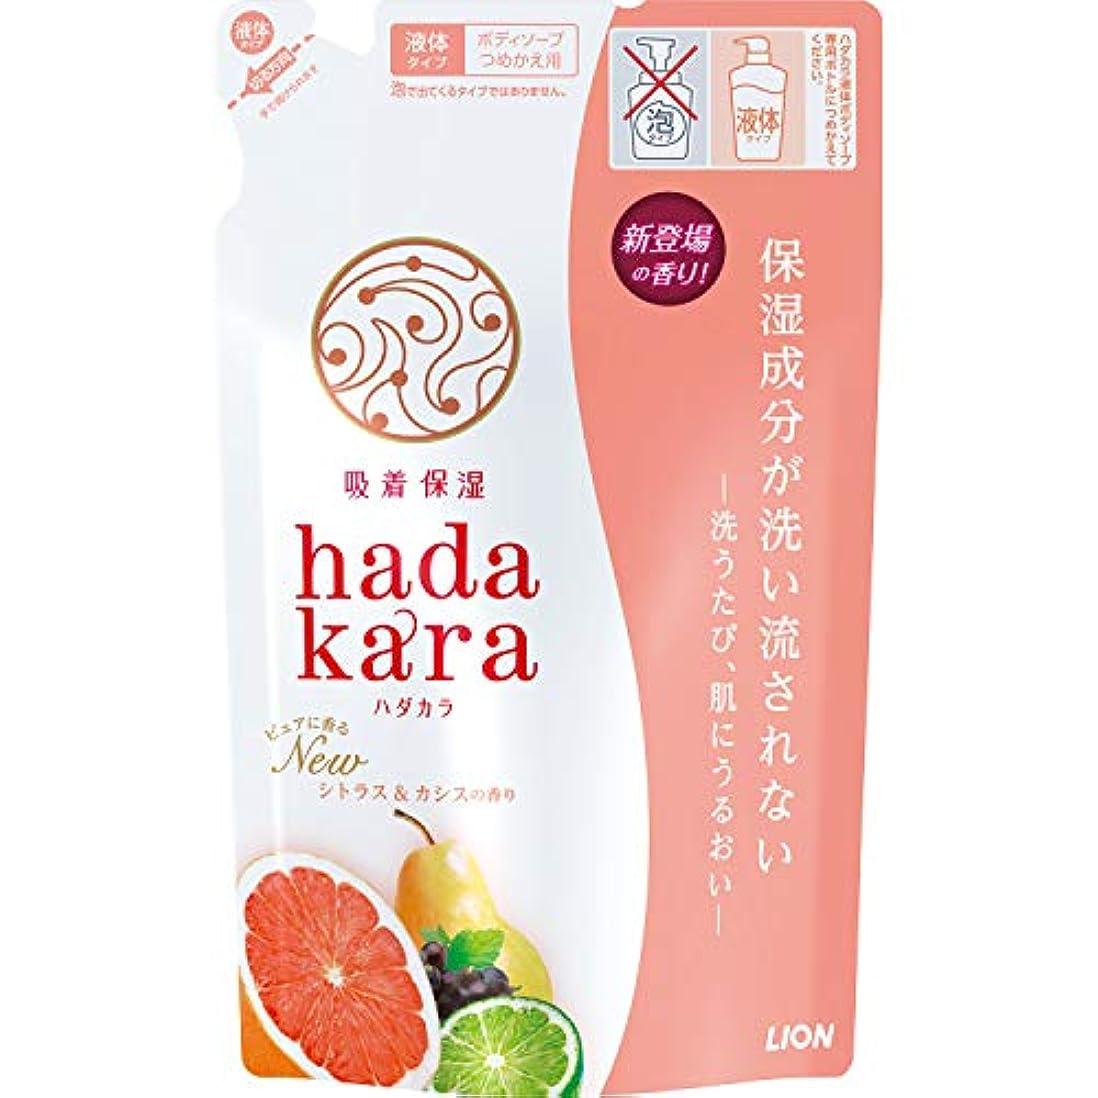 好奇心盛エキゾチック換気するhadakara(ハダカラ) ボディソープ シトラス&カシスの香り つめかえ 360ml 詰替え用